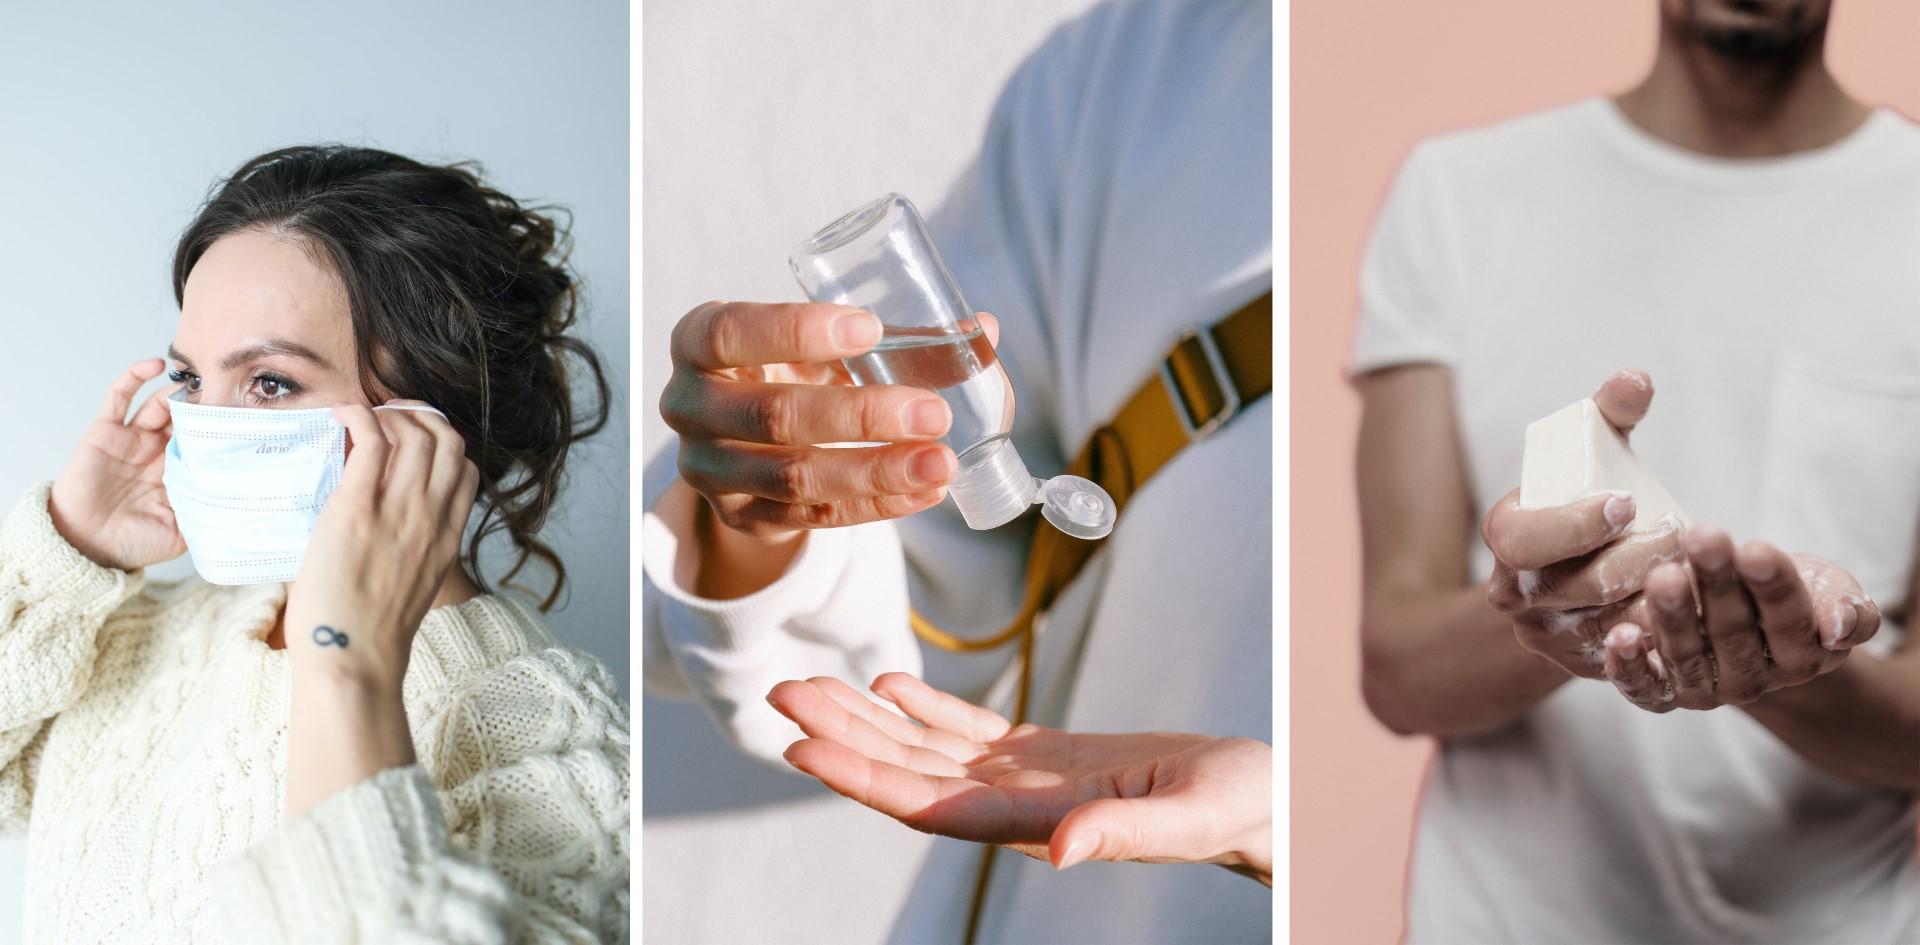 Hygienemaßnahmen, wie Hände regelmäßig zu waschen, eine Maske zu tragen und Desinfektionsmittel zu nutzen, sind uns während der Corona Pandemie wichtig.